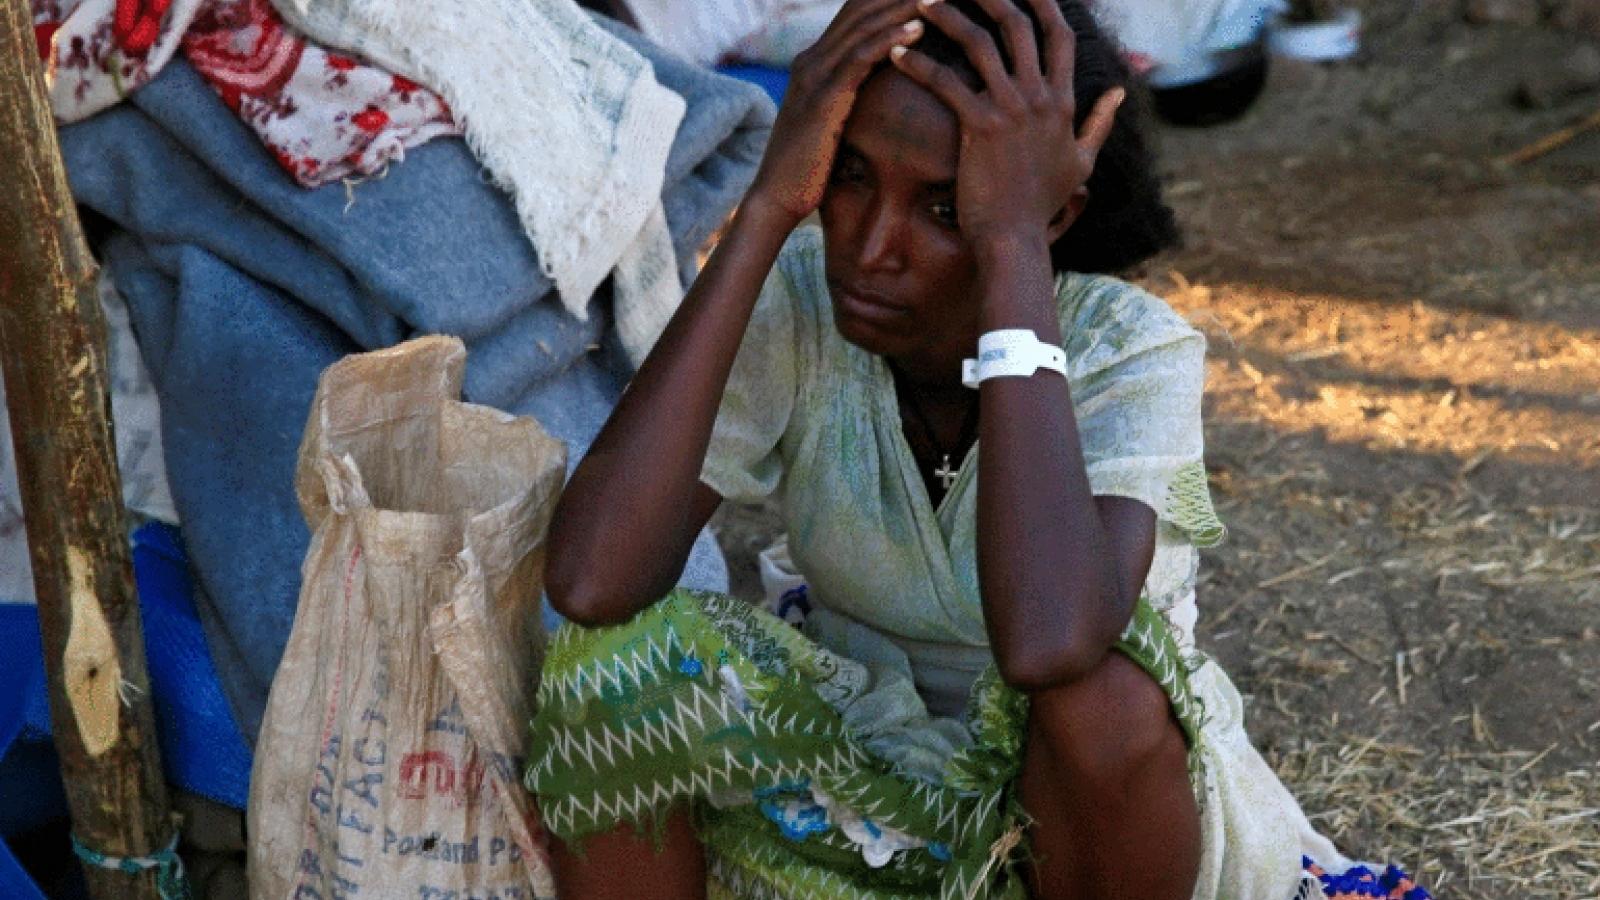 Ít nhất 600 người bị giết hại trong một vụ thảm sát ở Ethiopia